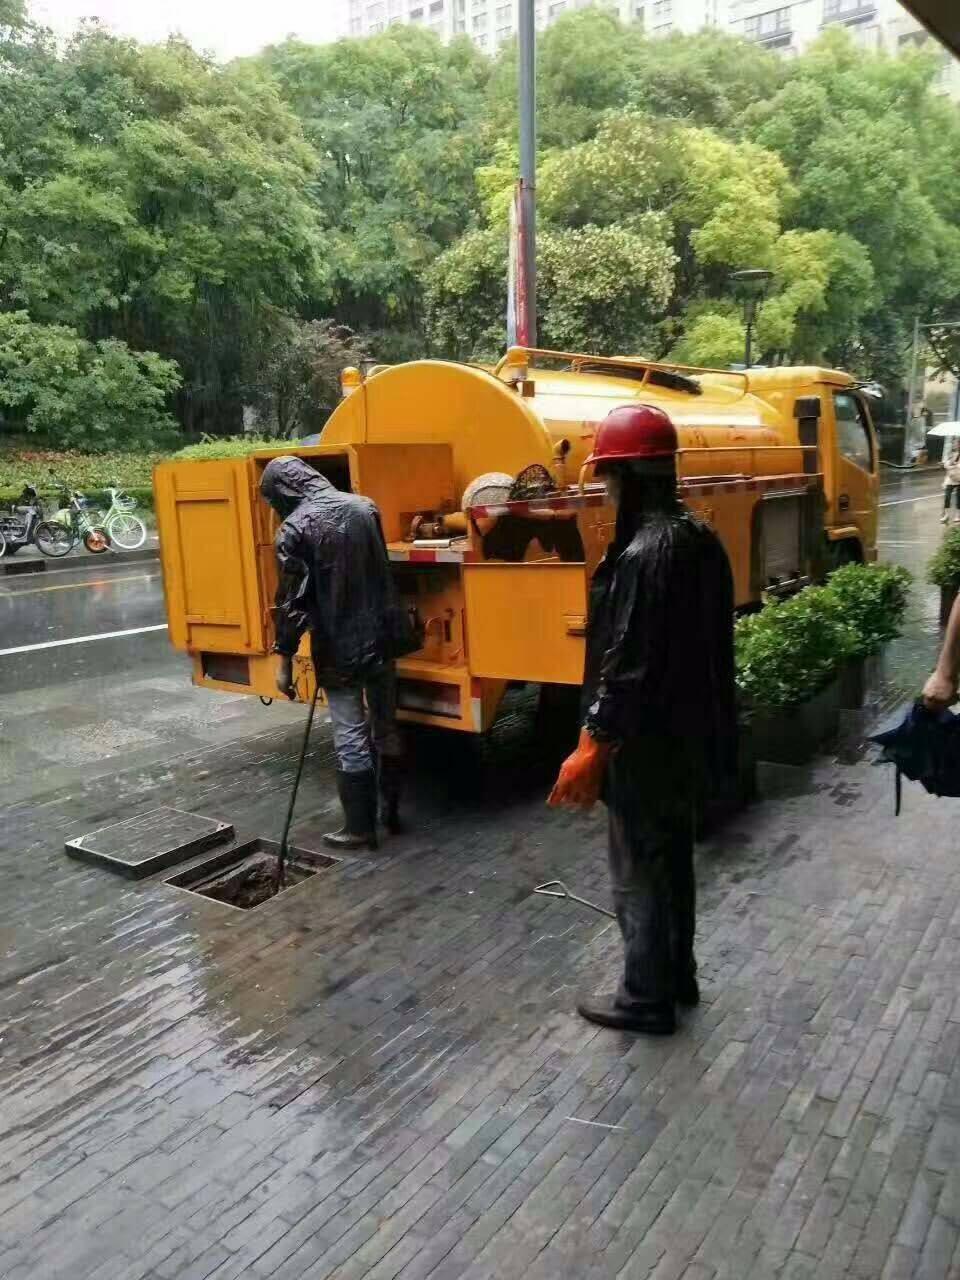 东莞污水清理价格、东莞全市污水清理上门服务热线、专业污水清理市场低价